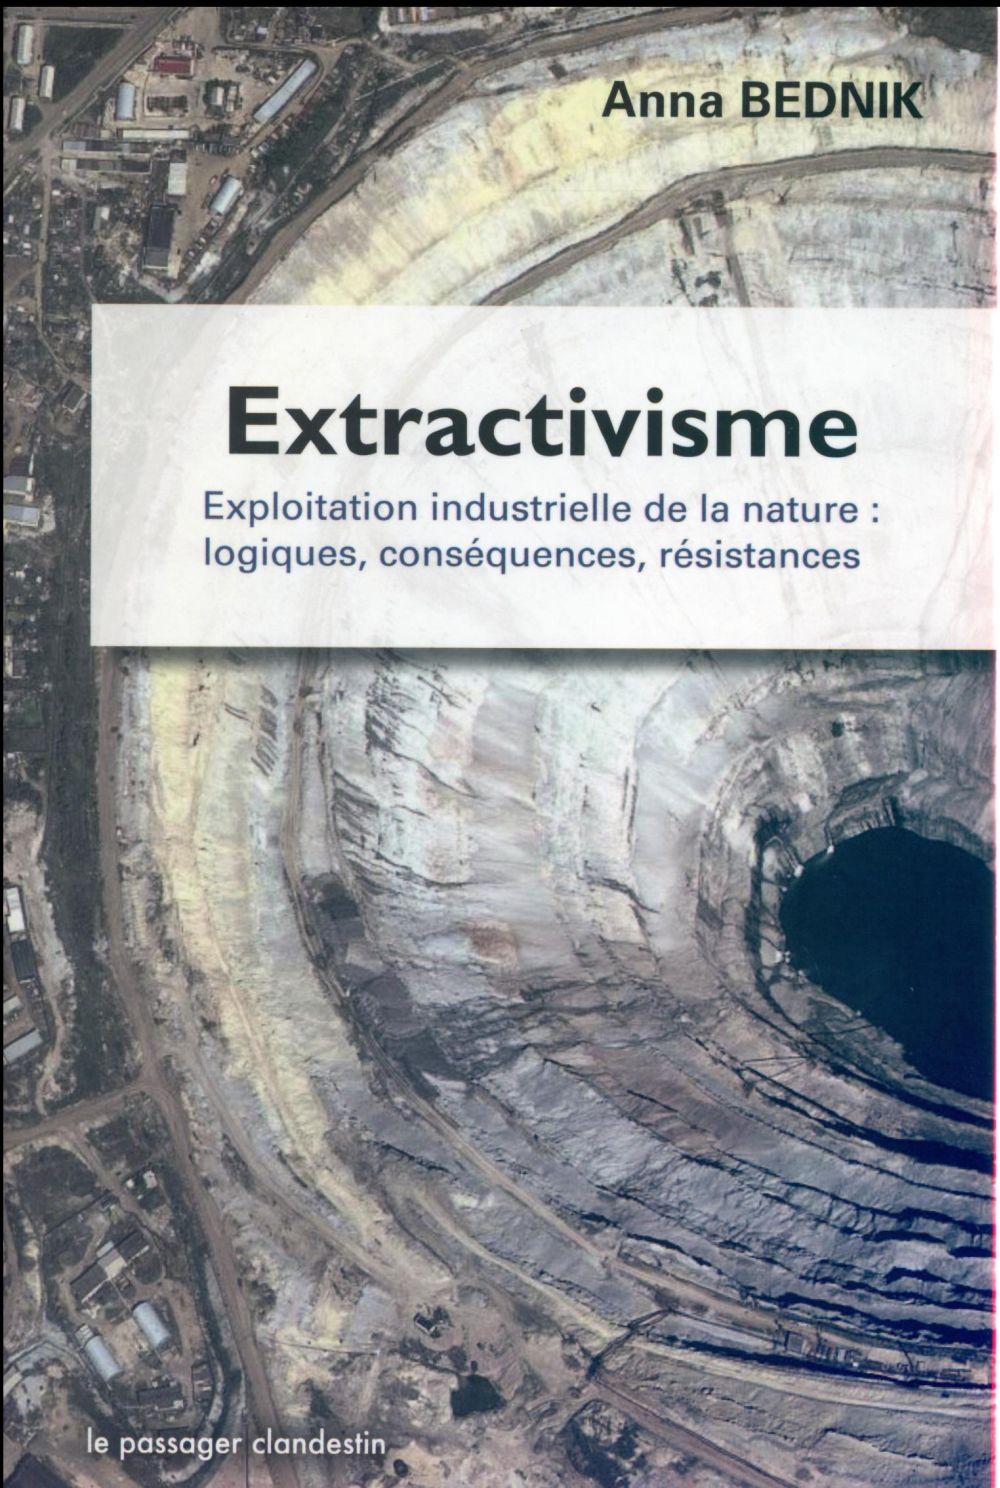 EXTRACTIVISME, EXPLOITATION INDUSTRIELLE DE LA NATURE. LOGIQUES, CONSEQUENCES, RESISTANCES